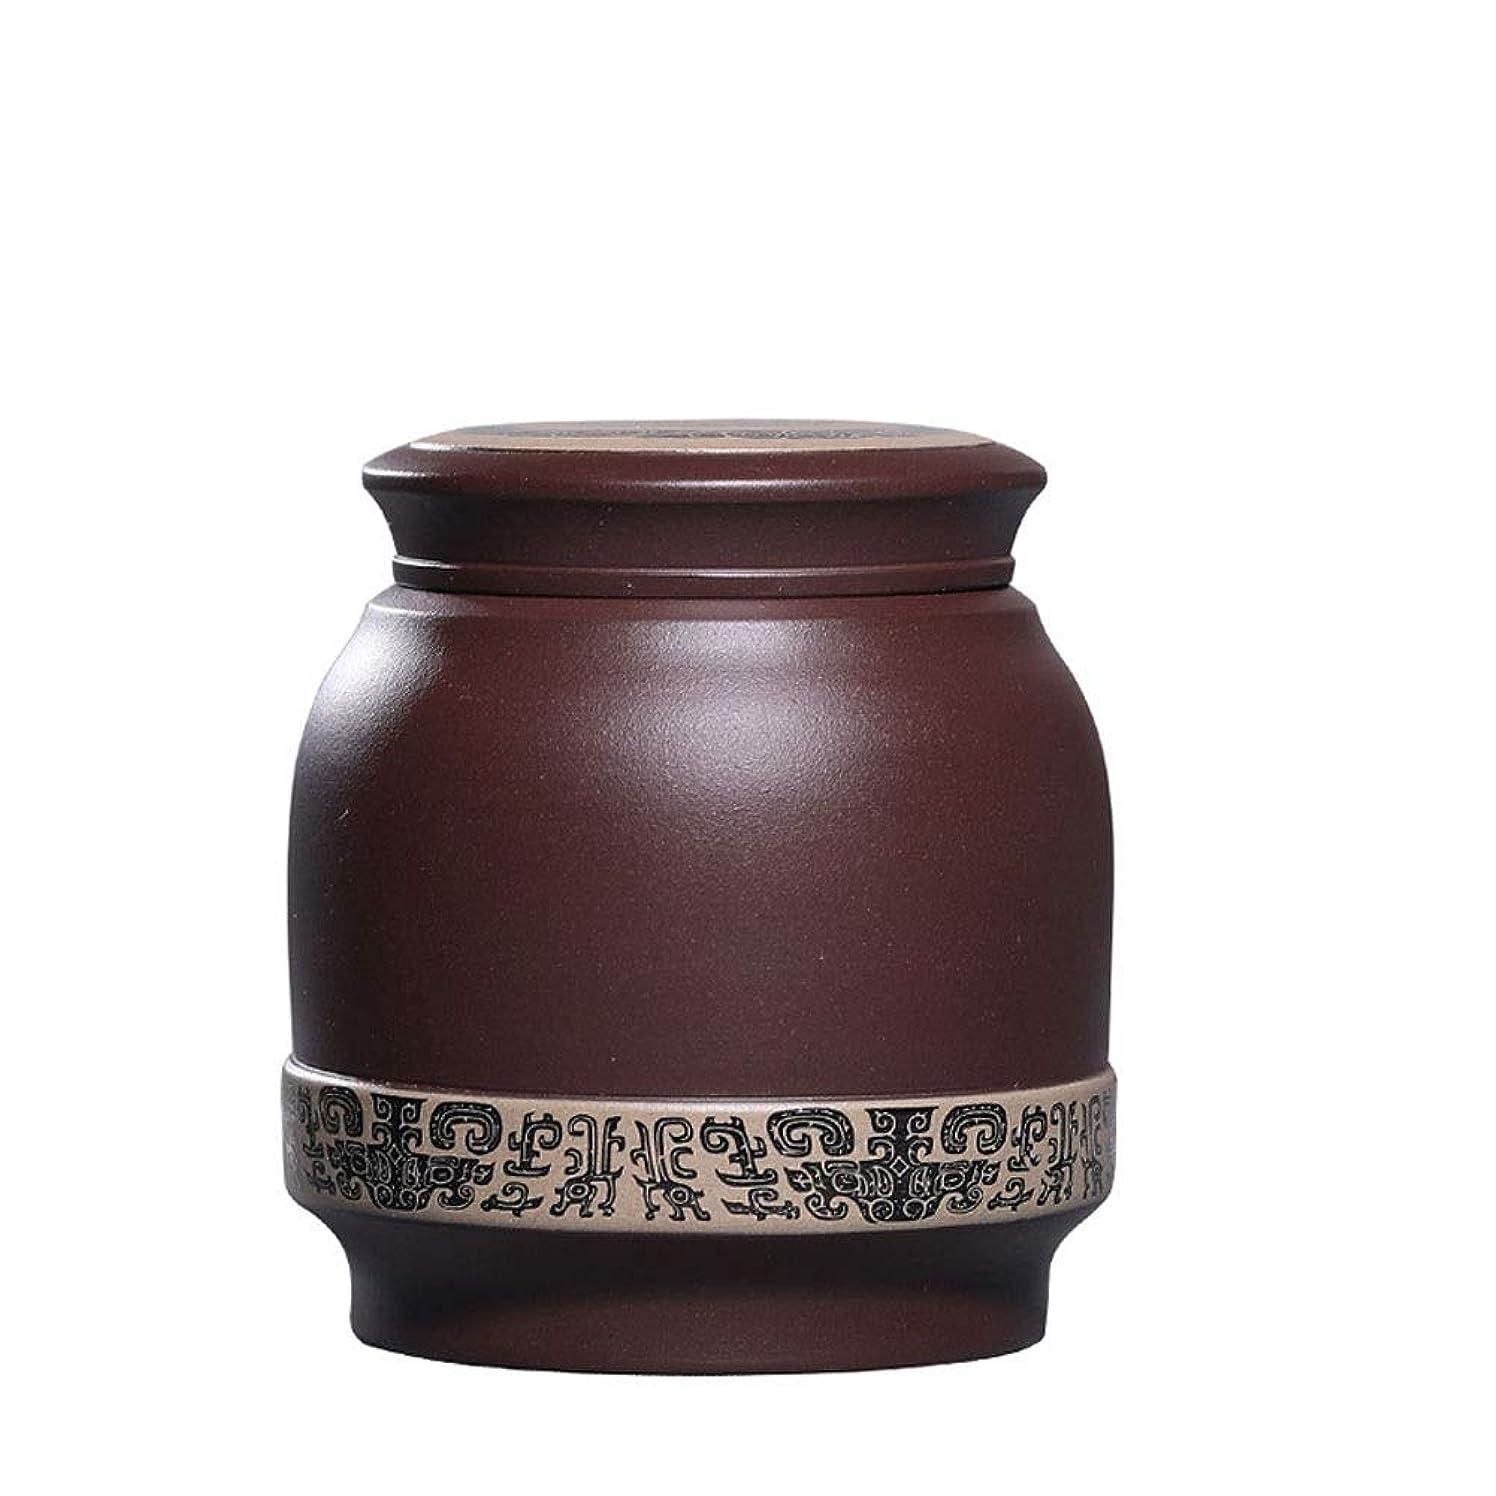 ハウス勝利したネイティブ骨壷|纳骨壺|分骨壺大人の灰|人間の大中規模の記念灰|中国の手作りの陶磁器と手描きのお土産|家や墓地 (Color : #3, Size : Honorable)